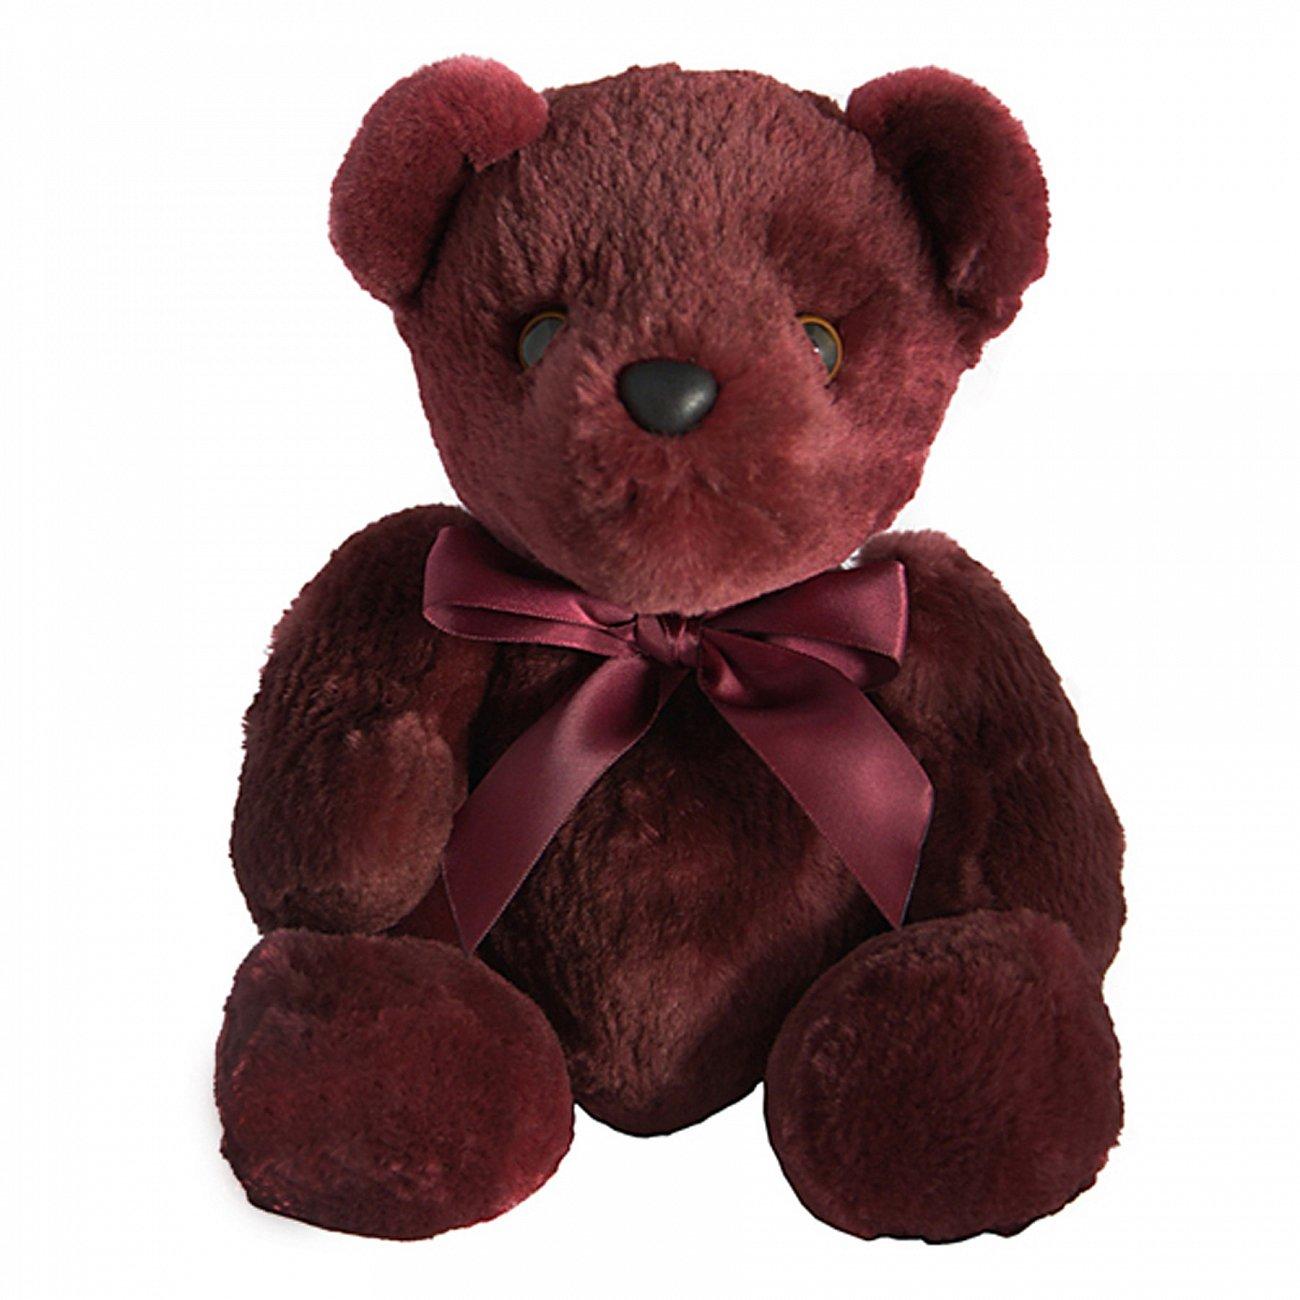 Купить Игрушка Медвежонок с бантом (фиолетовый) натуральный мех бобра в интернет магазине дизайнерской мебели и аксессуаров для дома и дачи